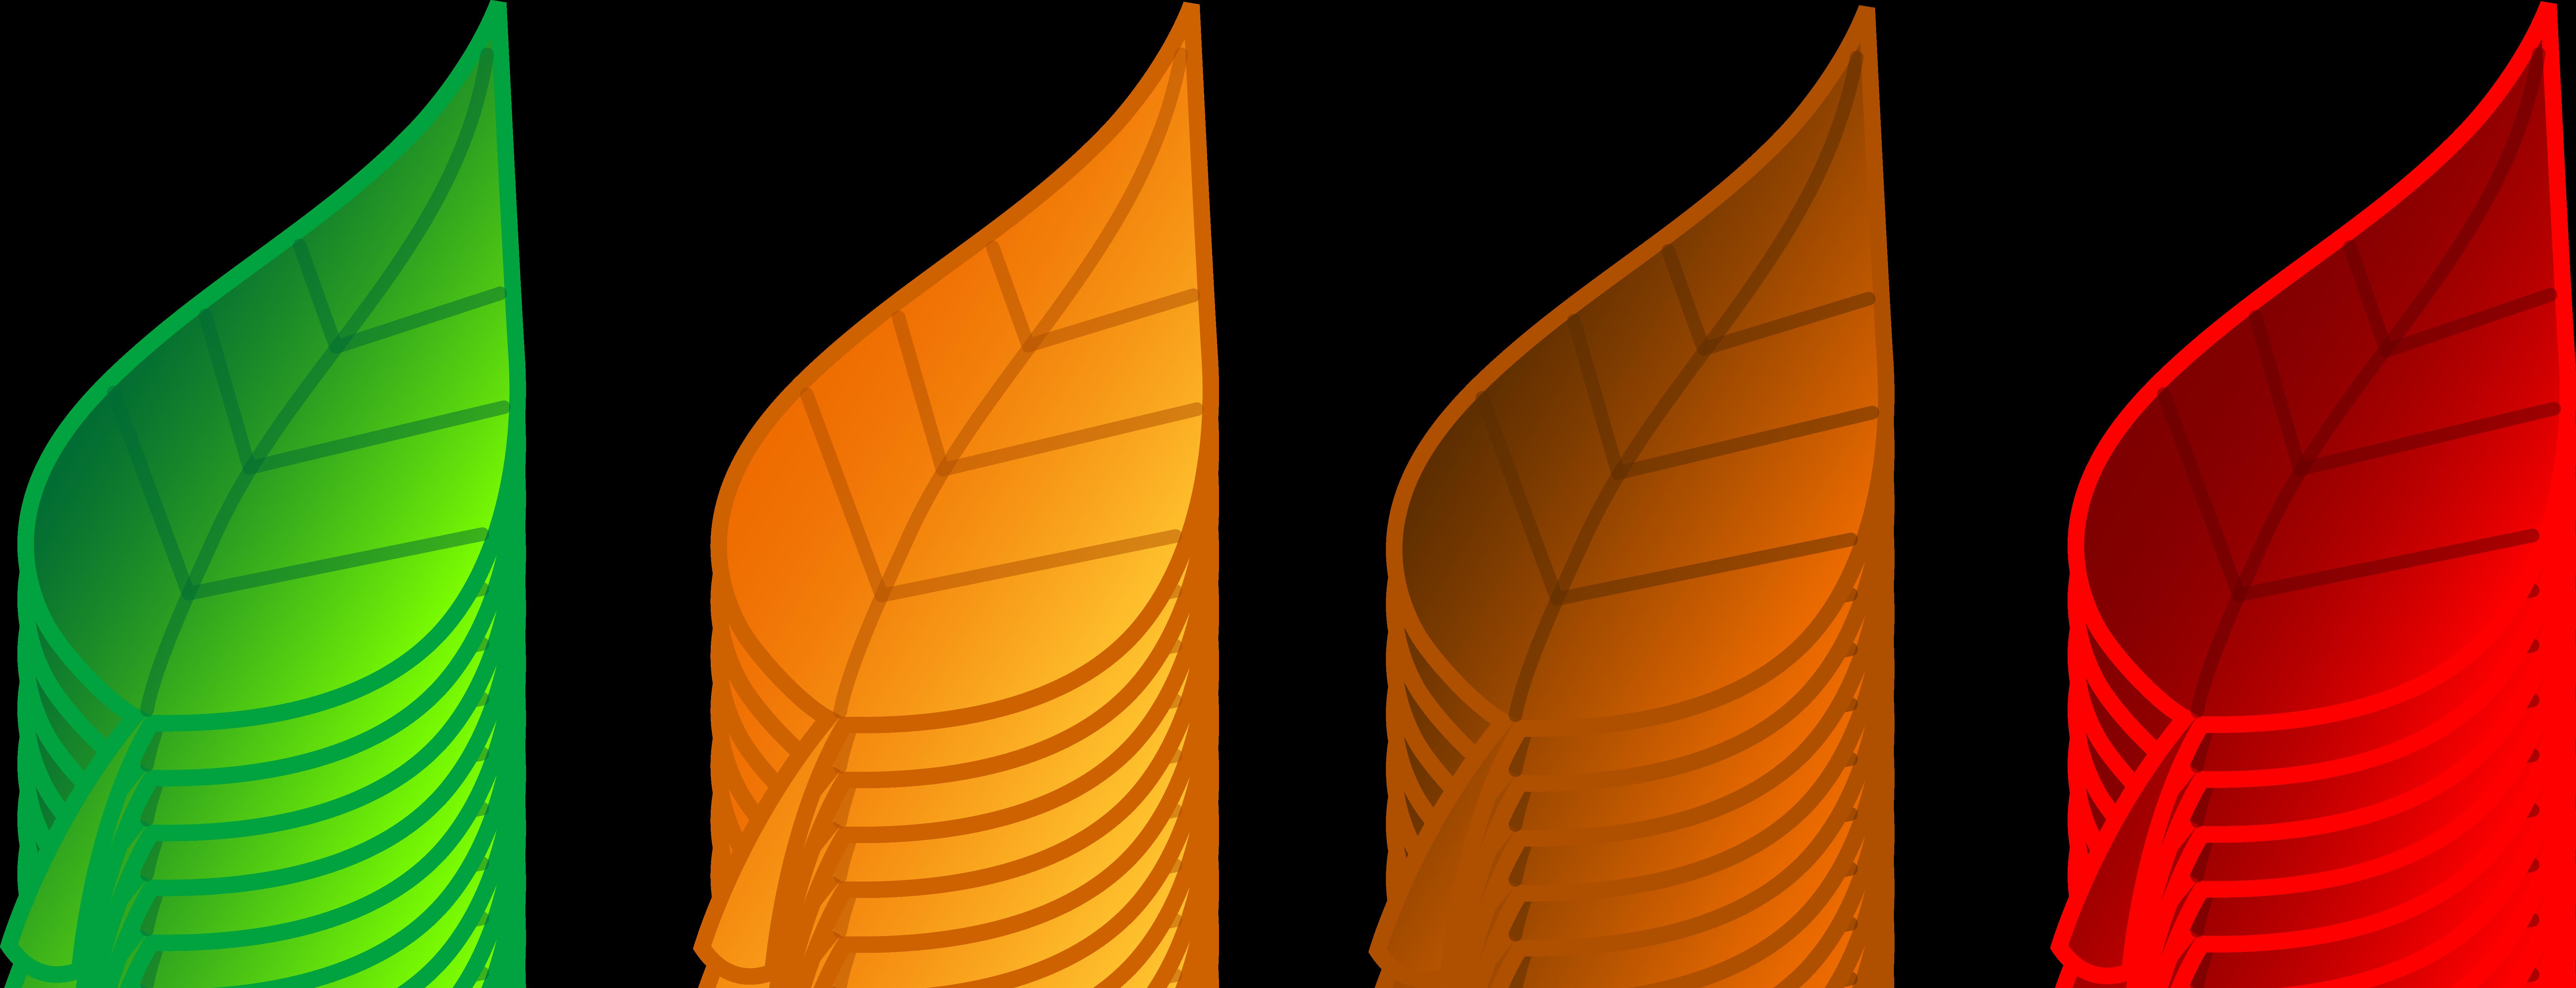 7840x3006 Fall Foliage Clipart Clipartmonk